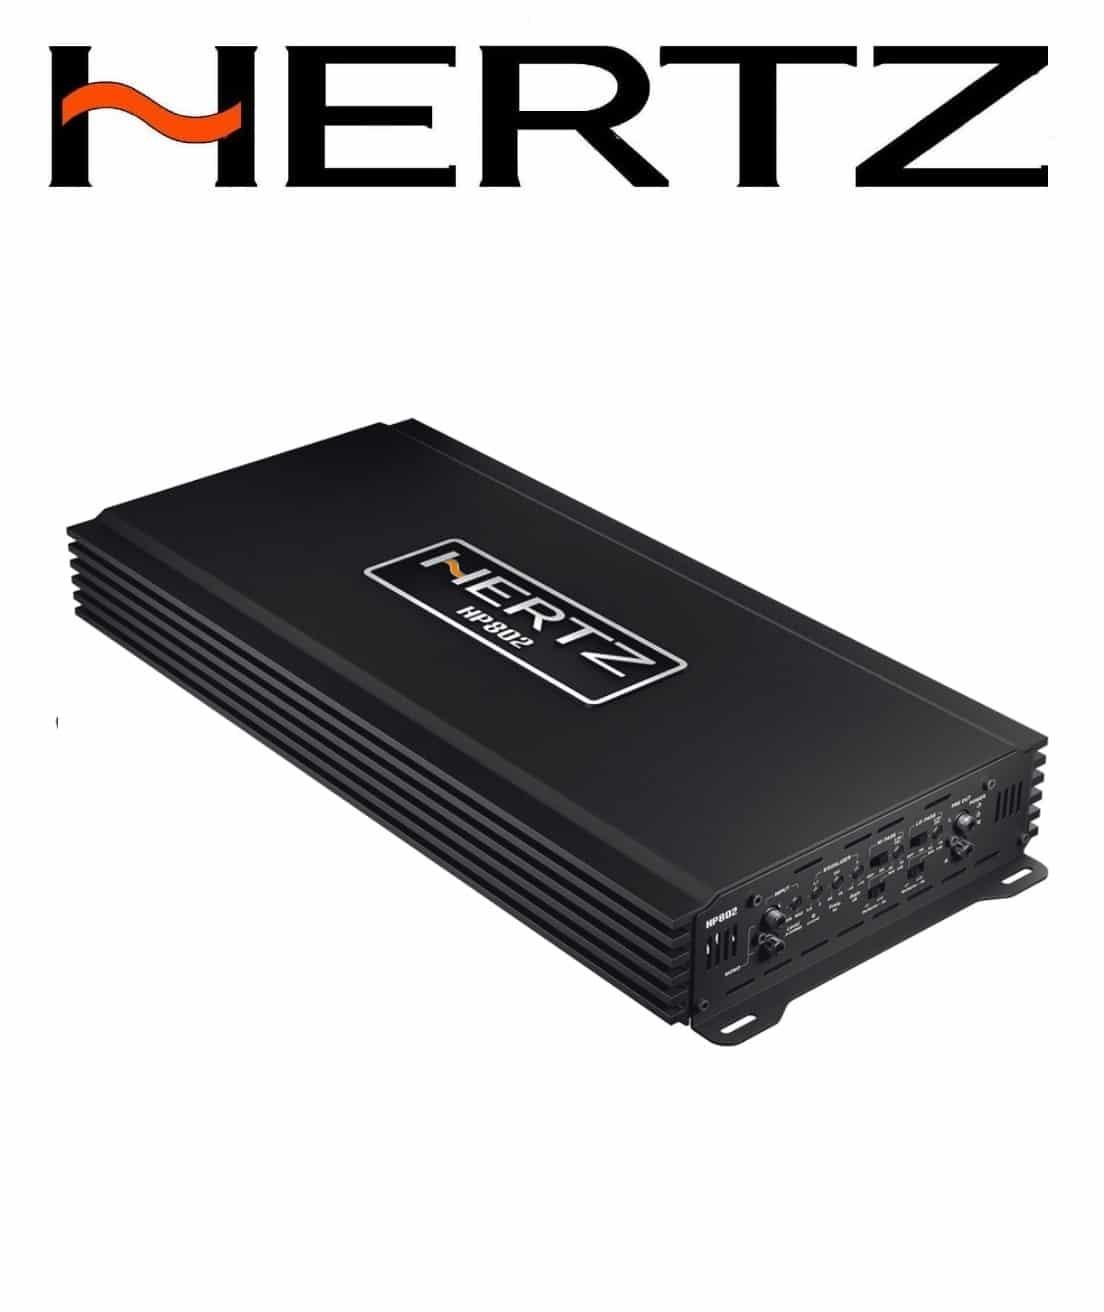 hertz hp802